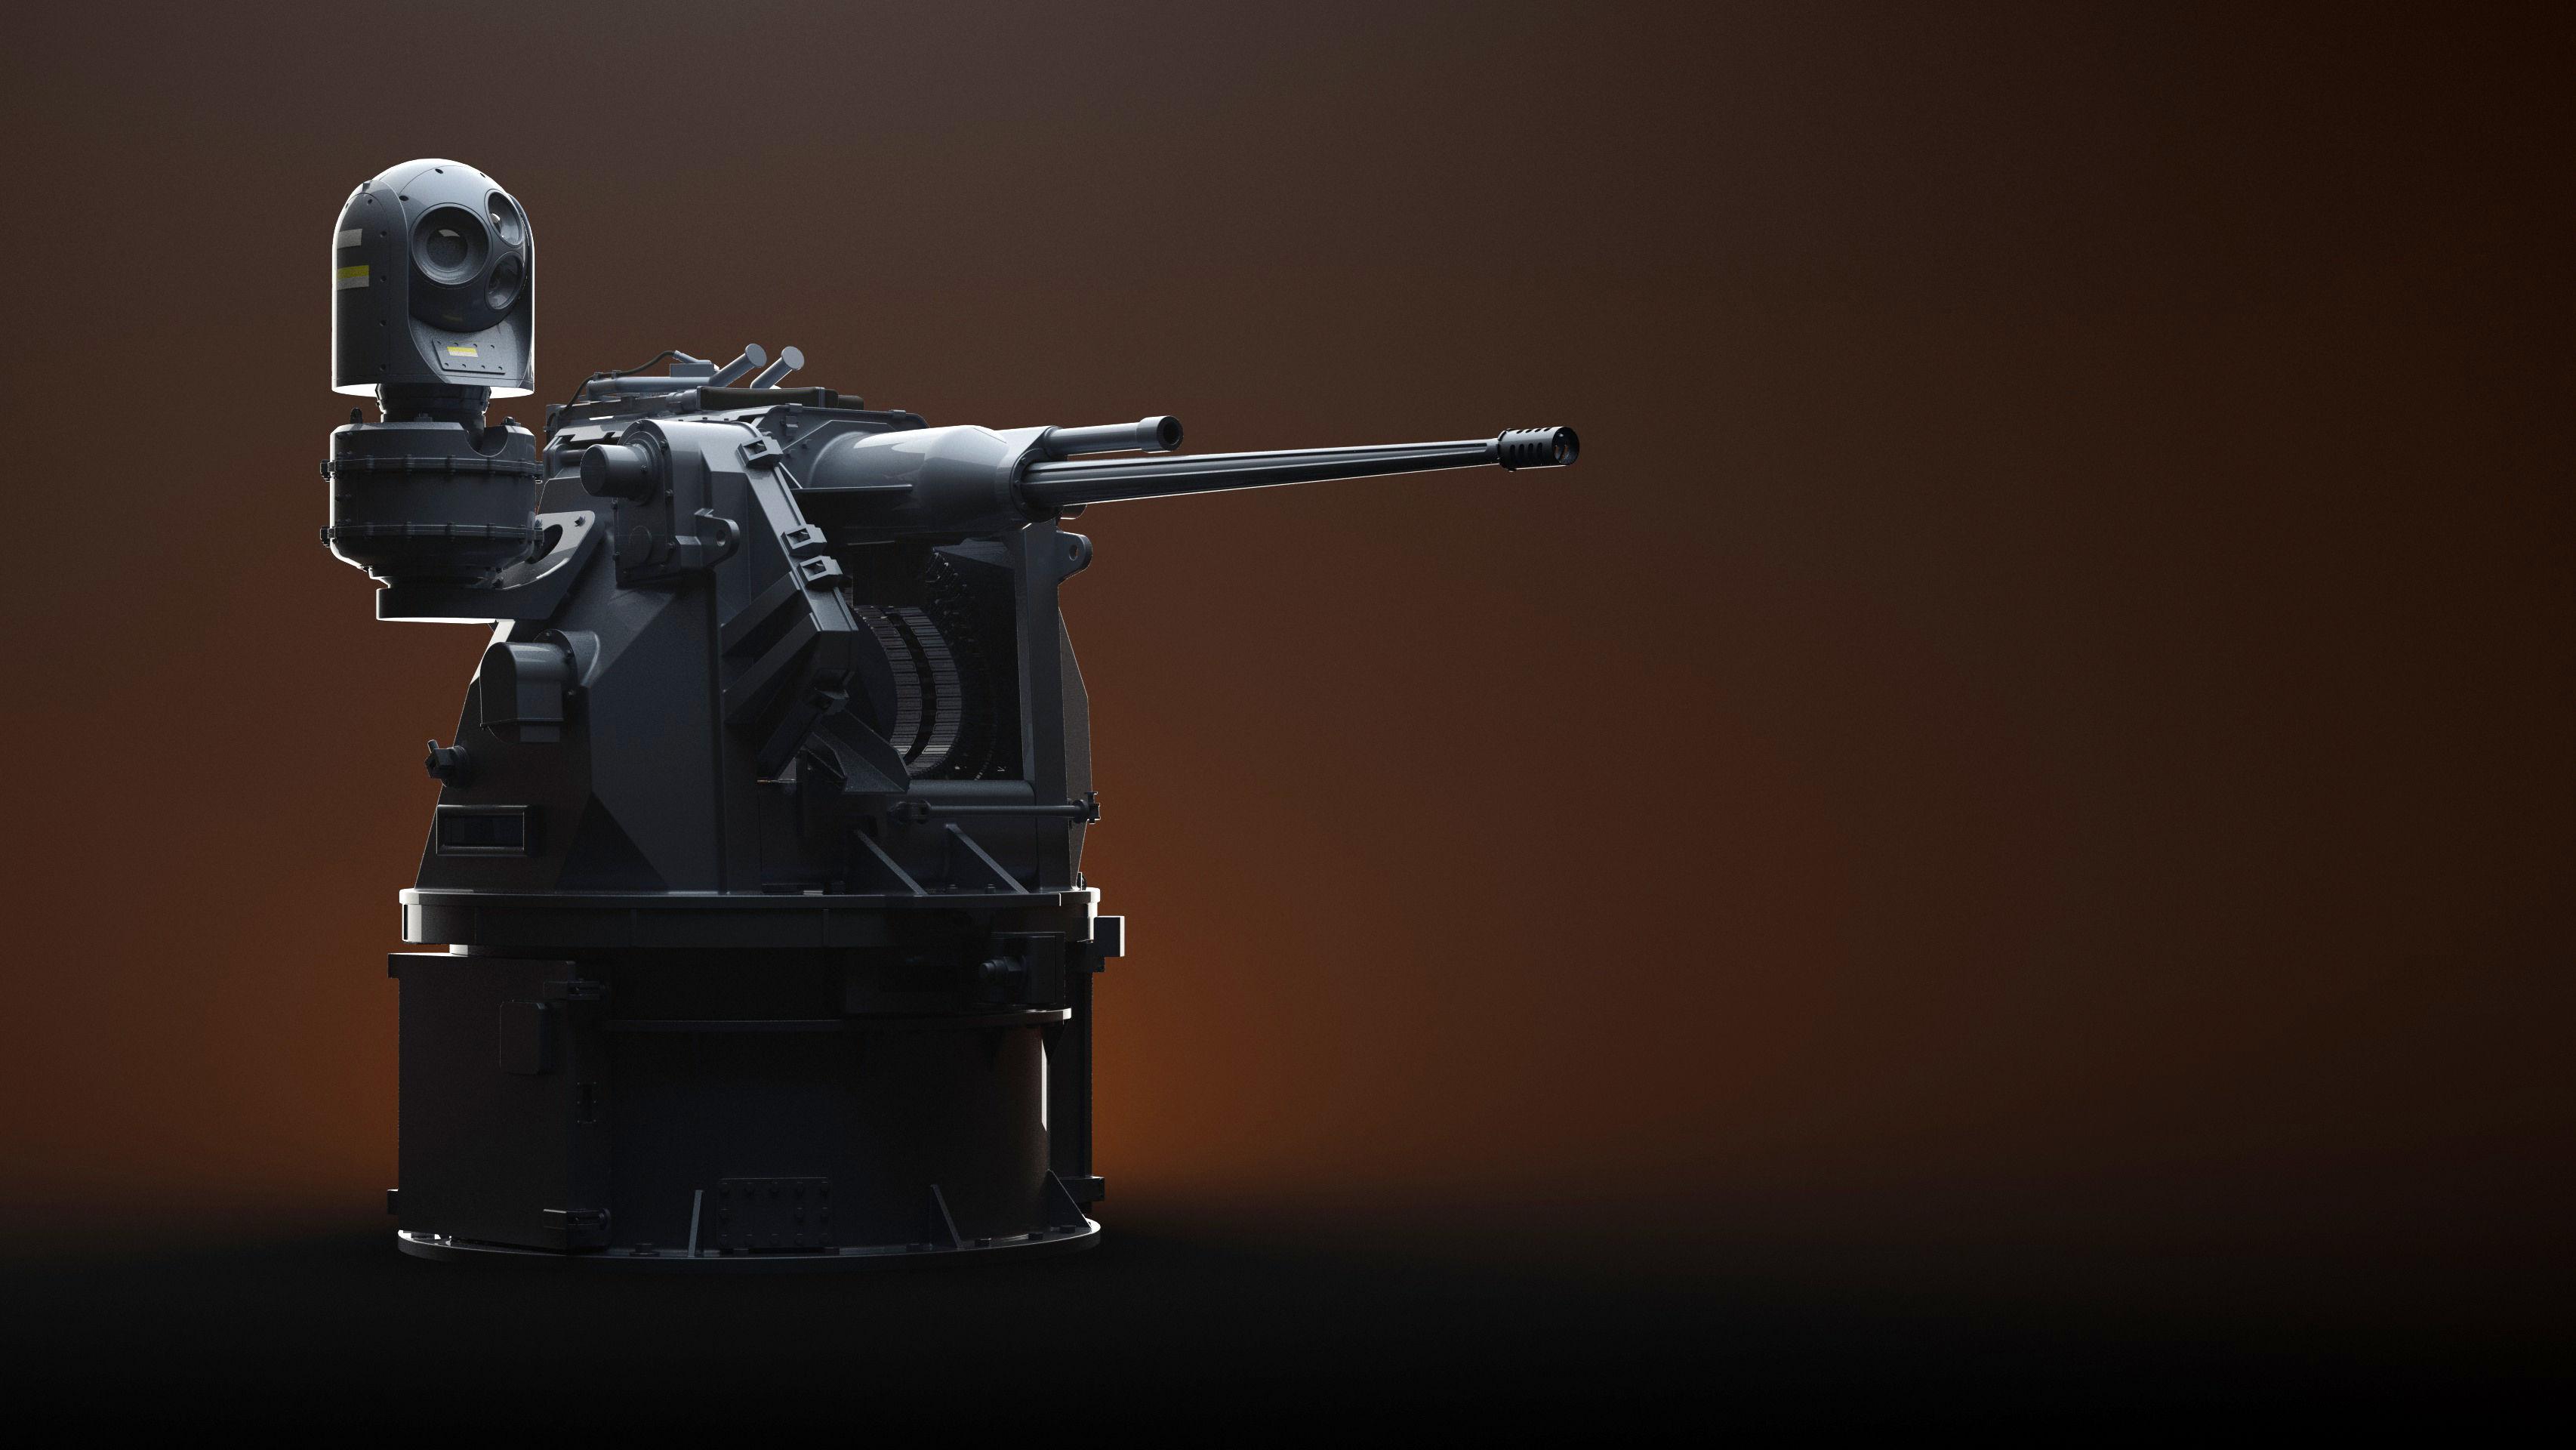 Bushmaster-04-3500-3500